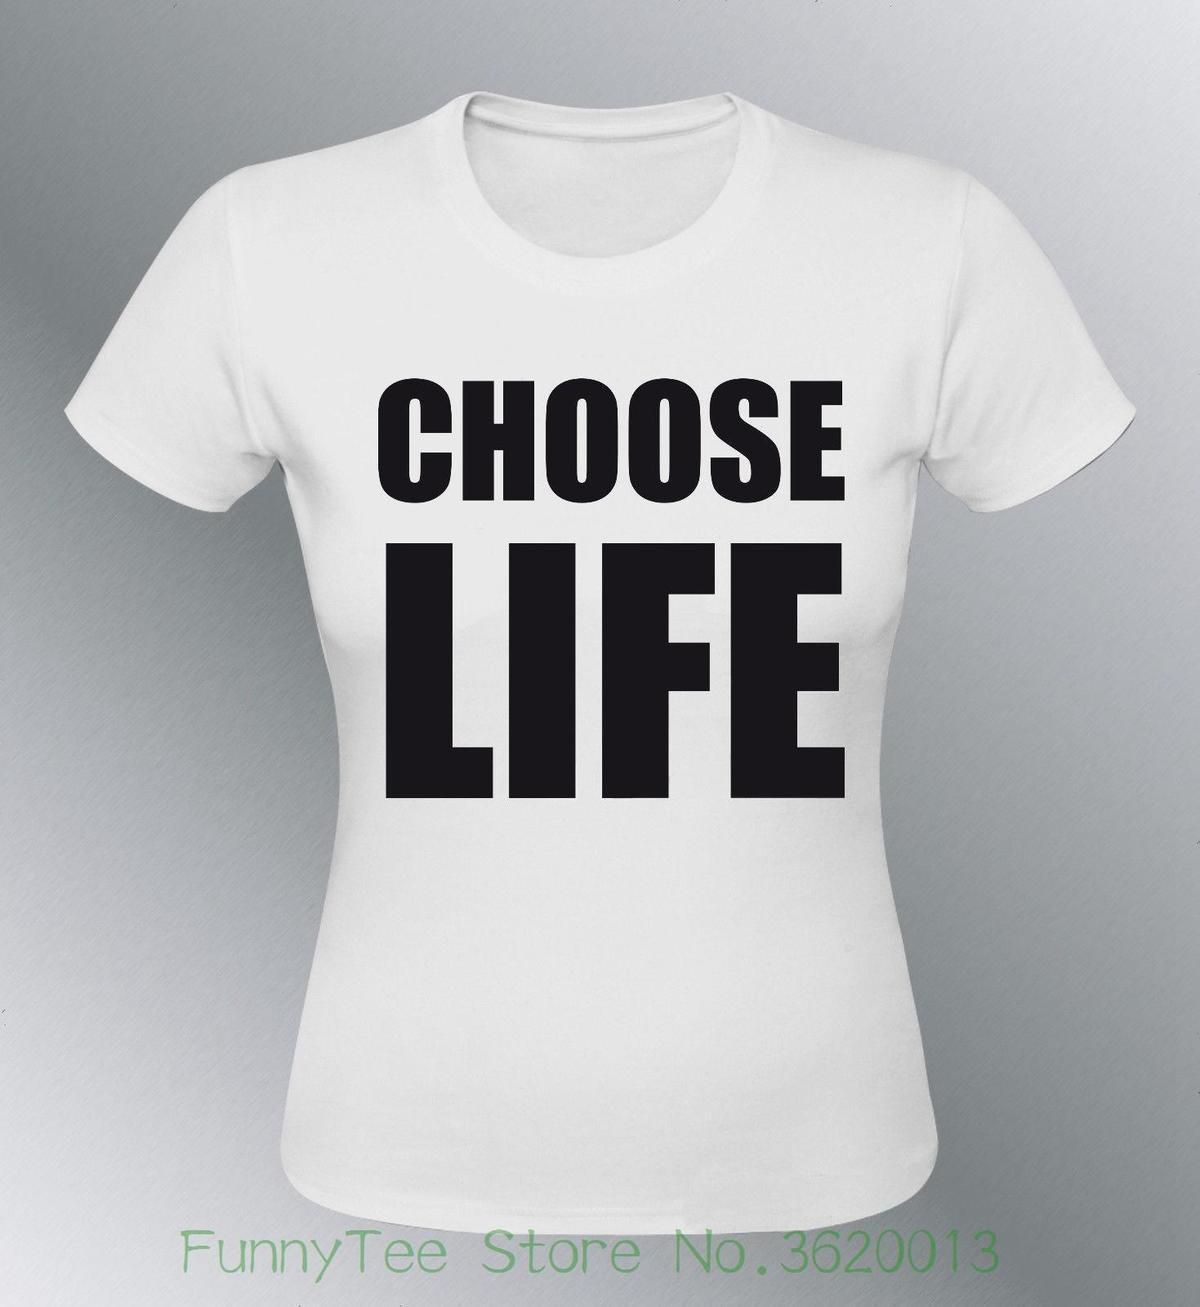 Femme Das George Der Großhandel Stück Shirt Personnalise T Frauen n0x6gwdSFq